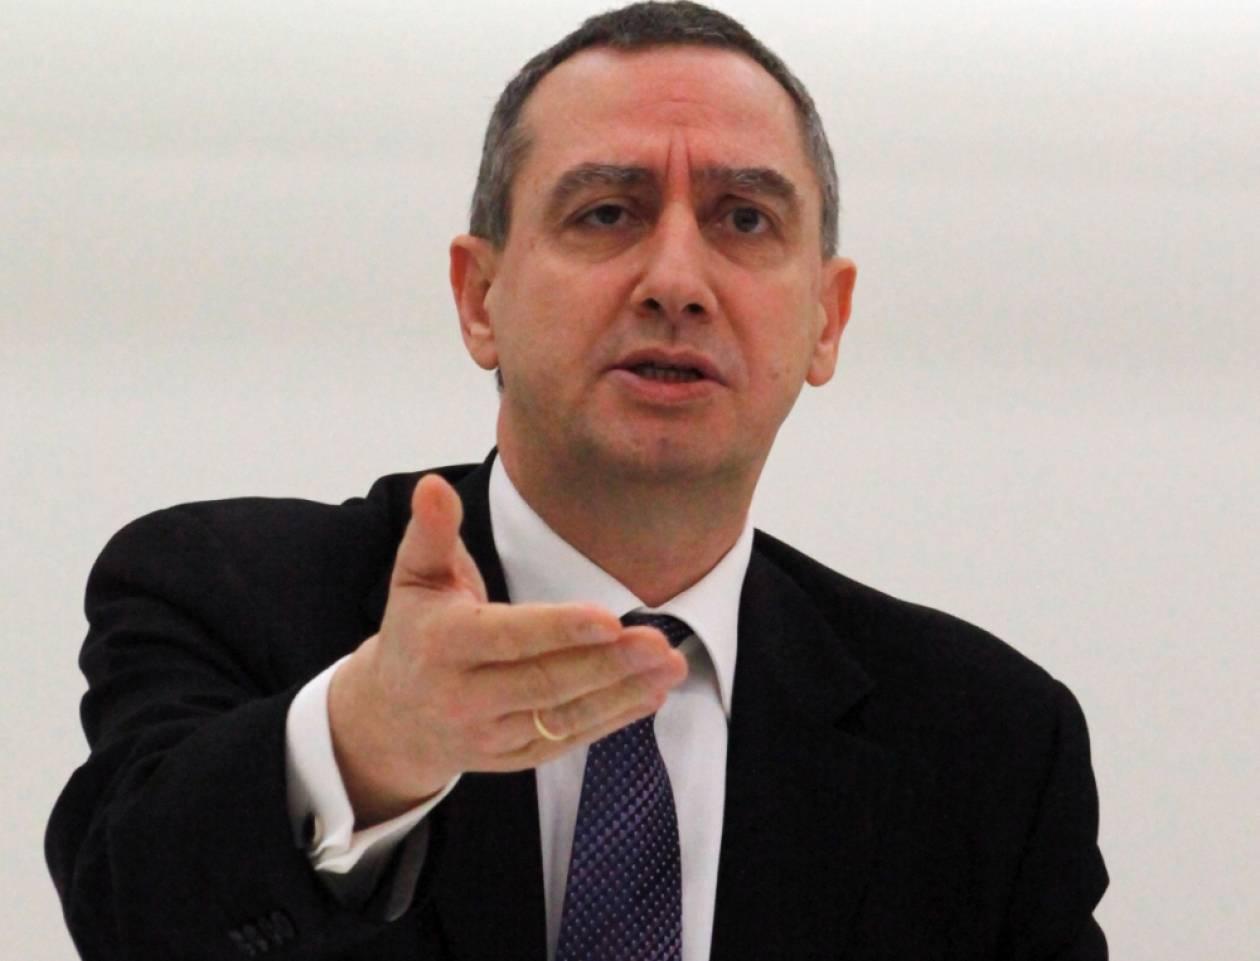 Γ. Μιχελάκης: Το ΠΑΣΟΚ επιβραβεύει τον κομματισμό